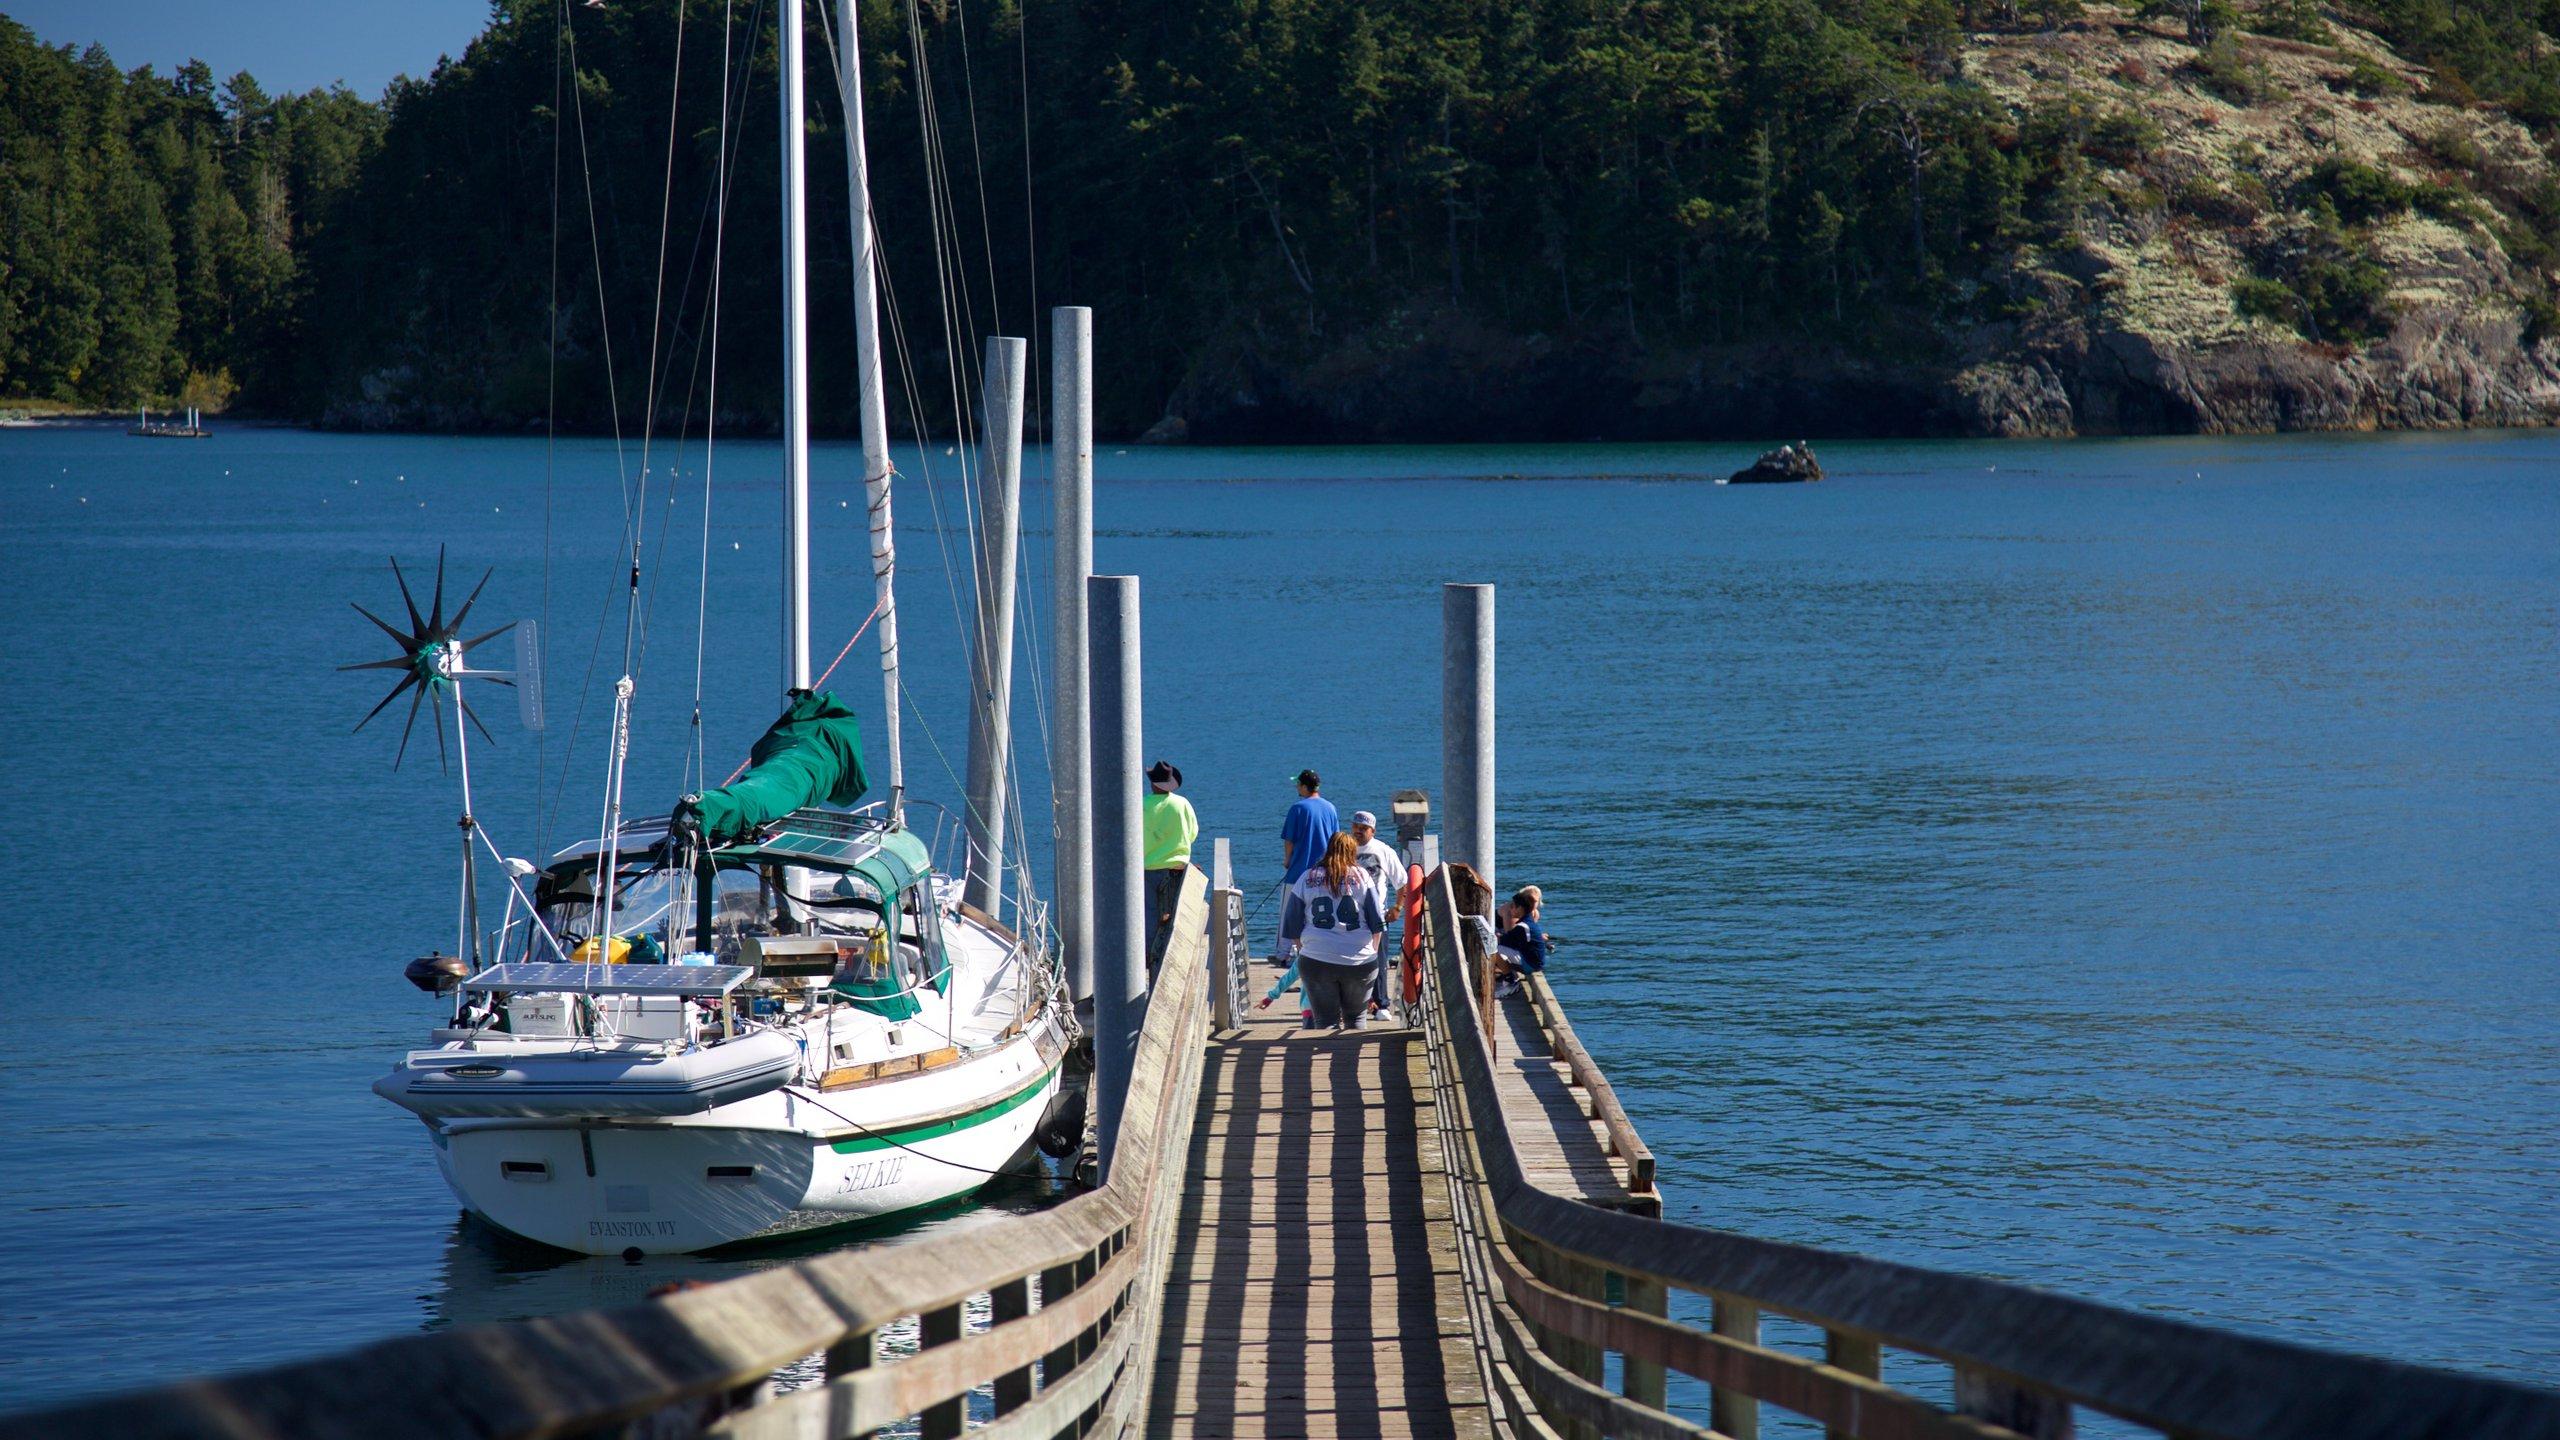 Island County, Washington, United States of America